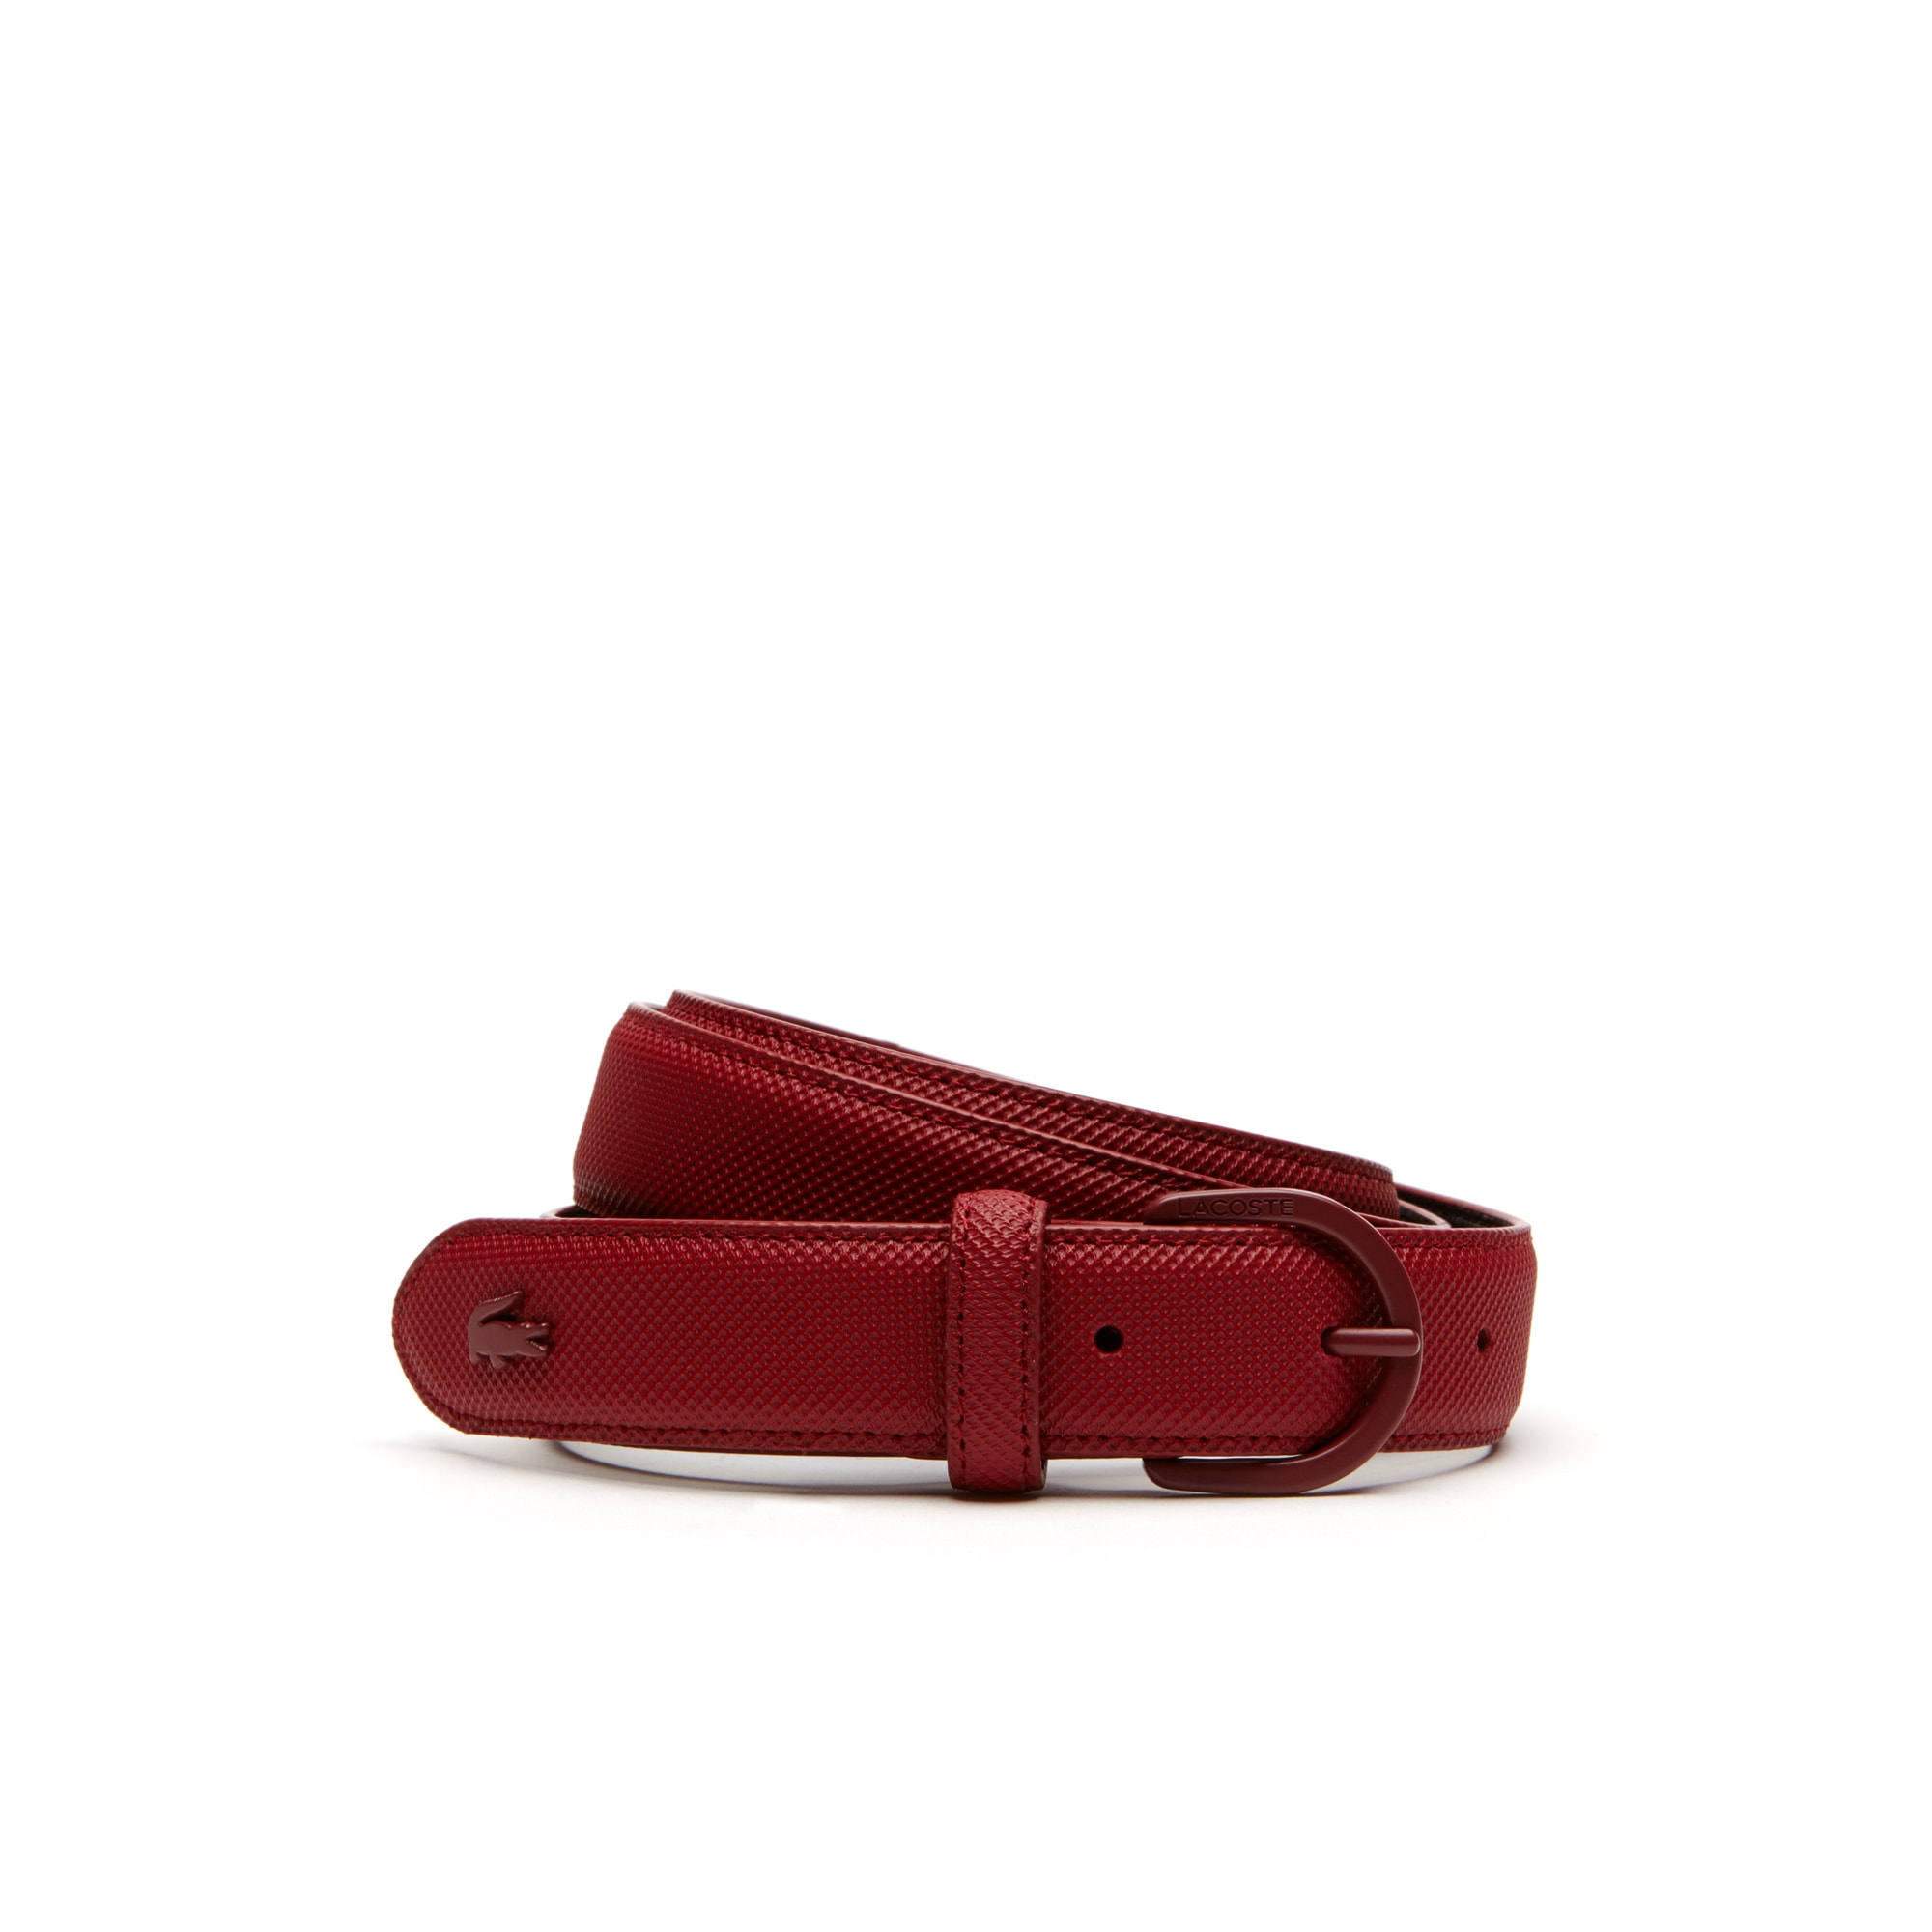 Damen L.12.12 Concept Einfarbiger Piqué-Gürtel mit Dornschnalle